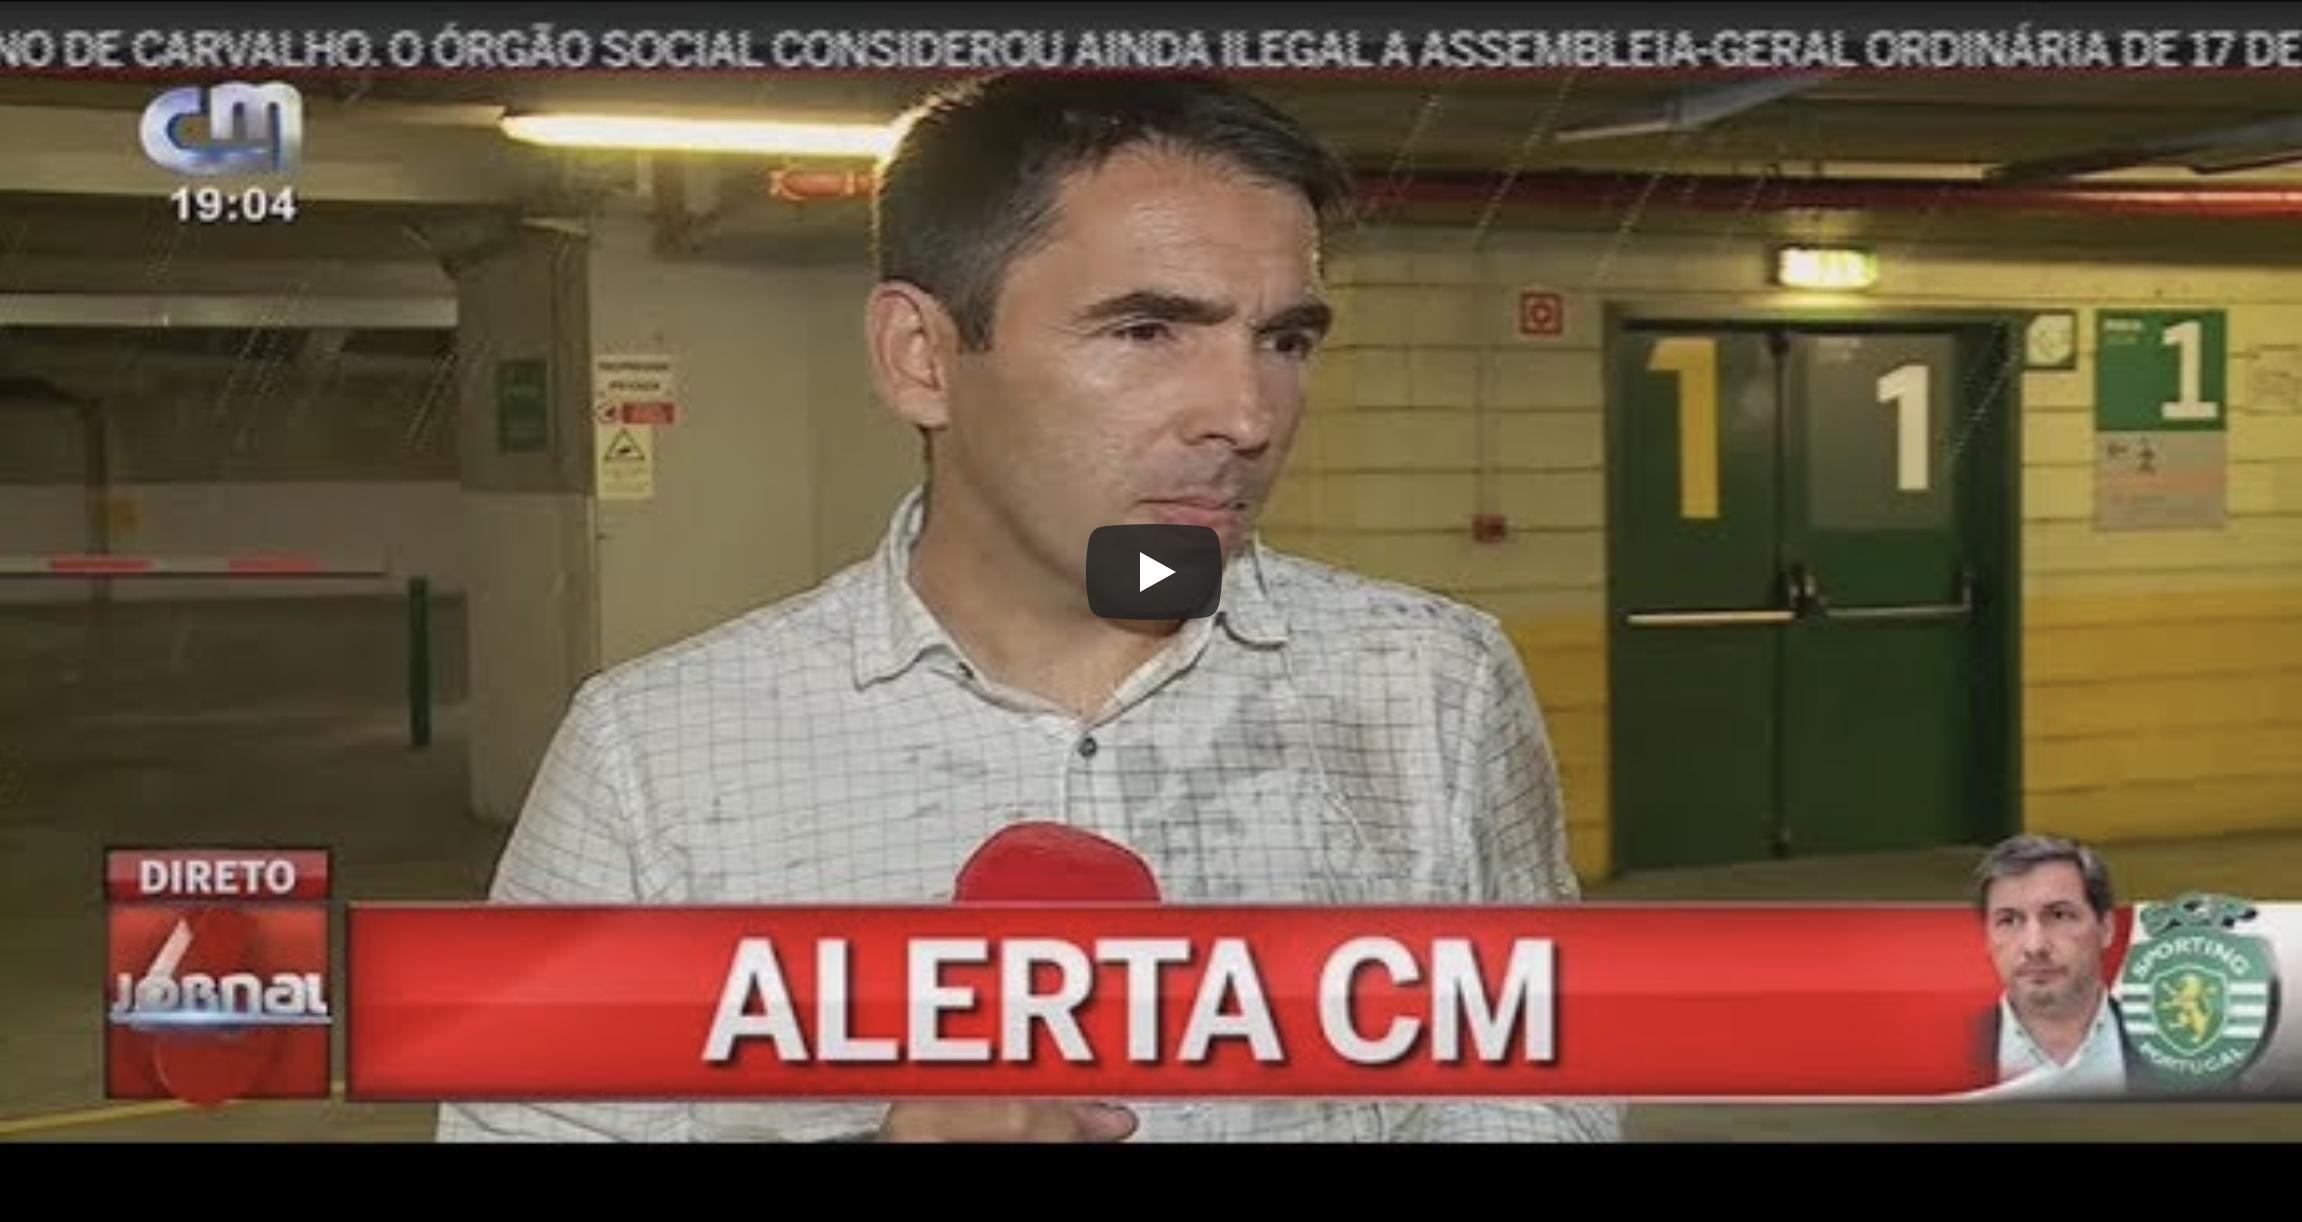 Cmtv Jornalista Leva Banho Sporting Jornalista Da Cmtv É Insultado E Leva Banho Em Direto. Veja O Vídeo